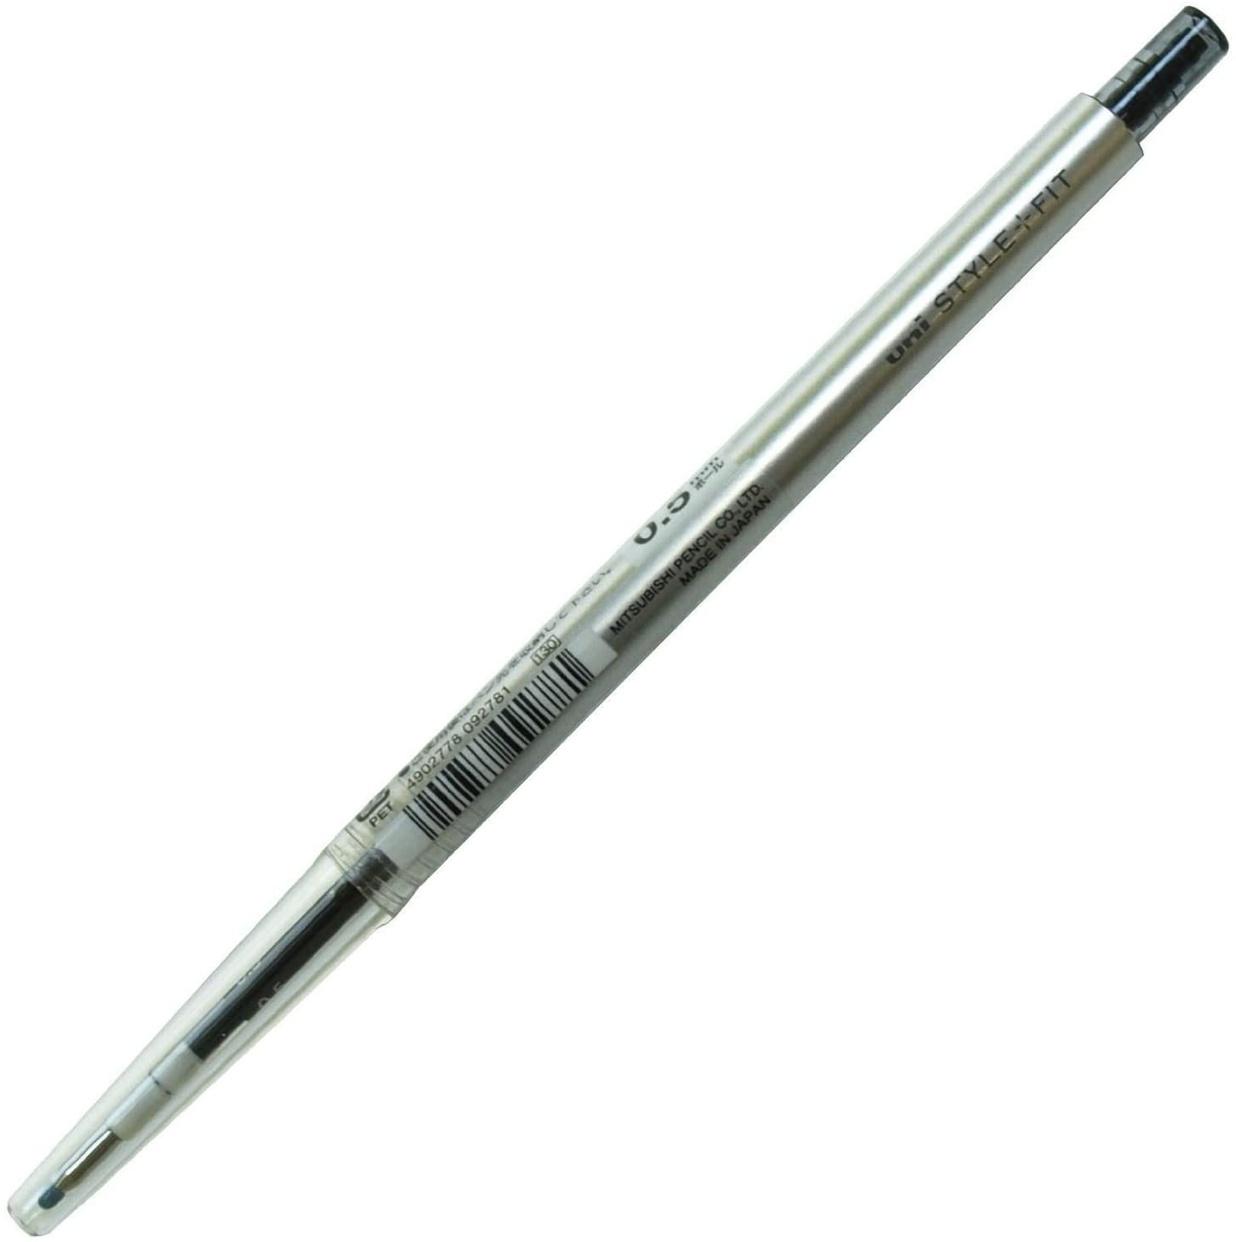 uni(ユニ) スタイルフィット ゲルインクボールペン ノック式